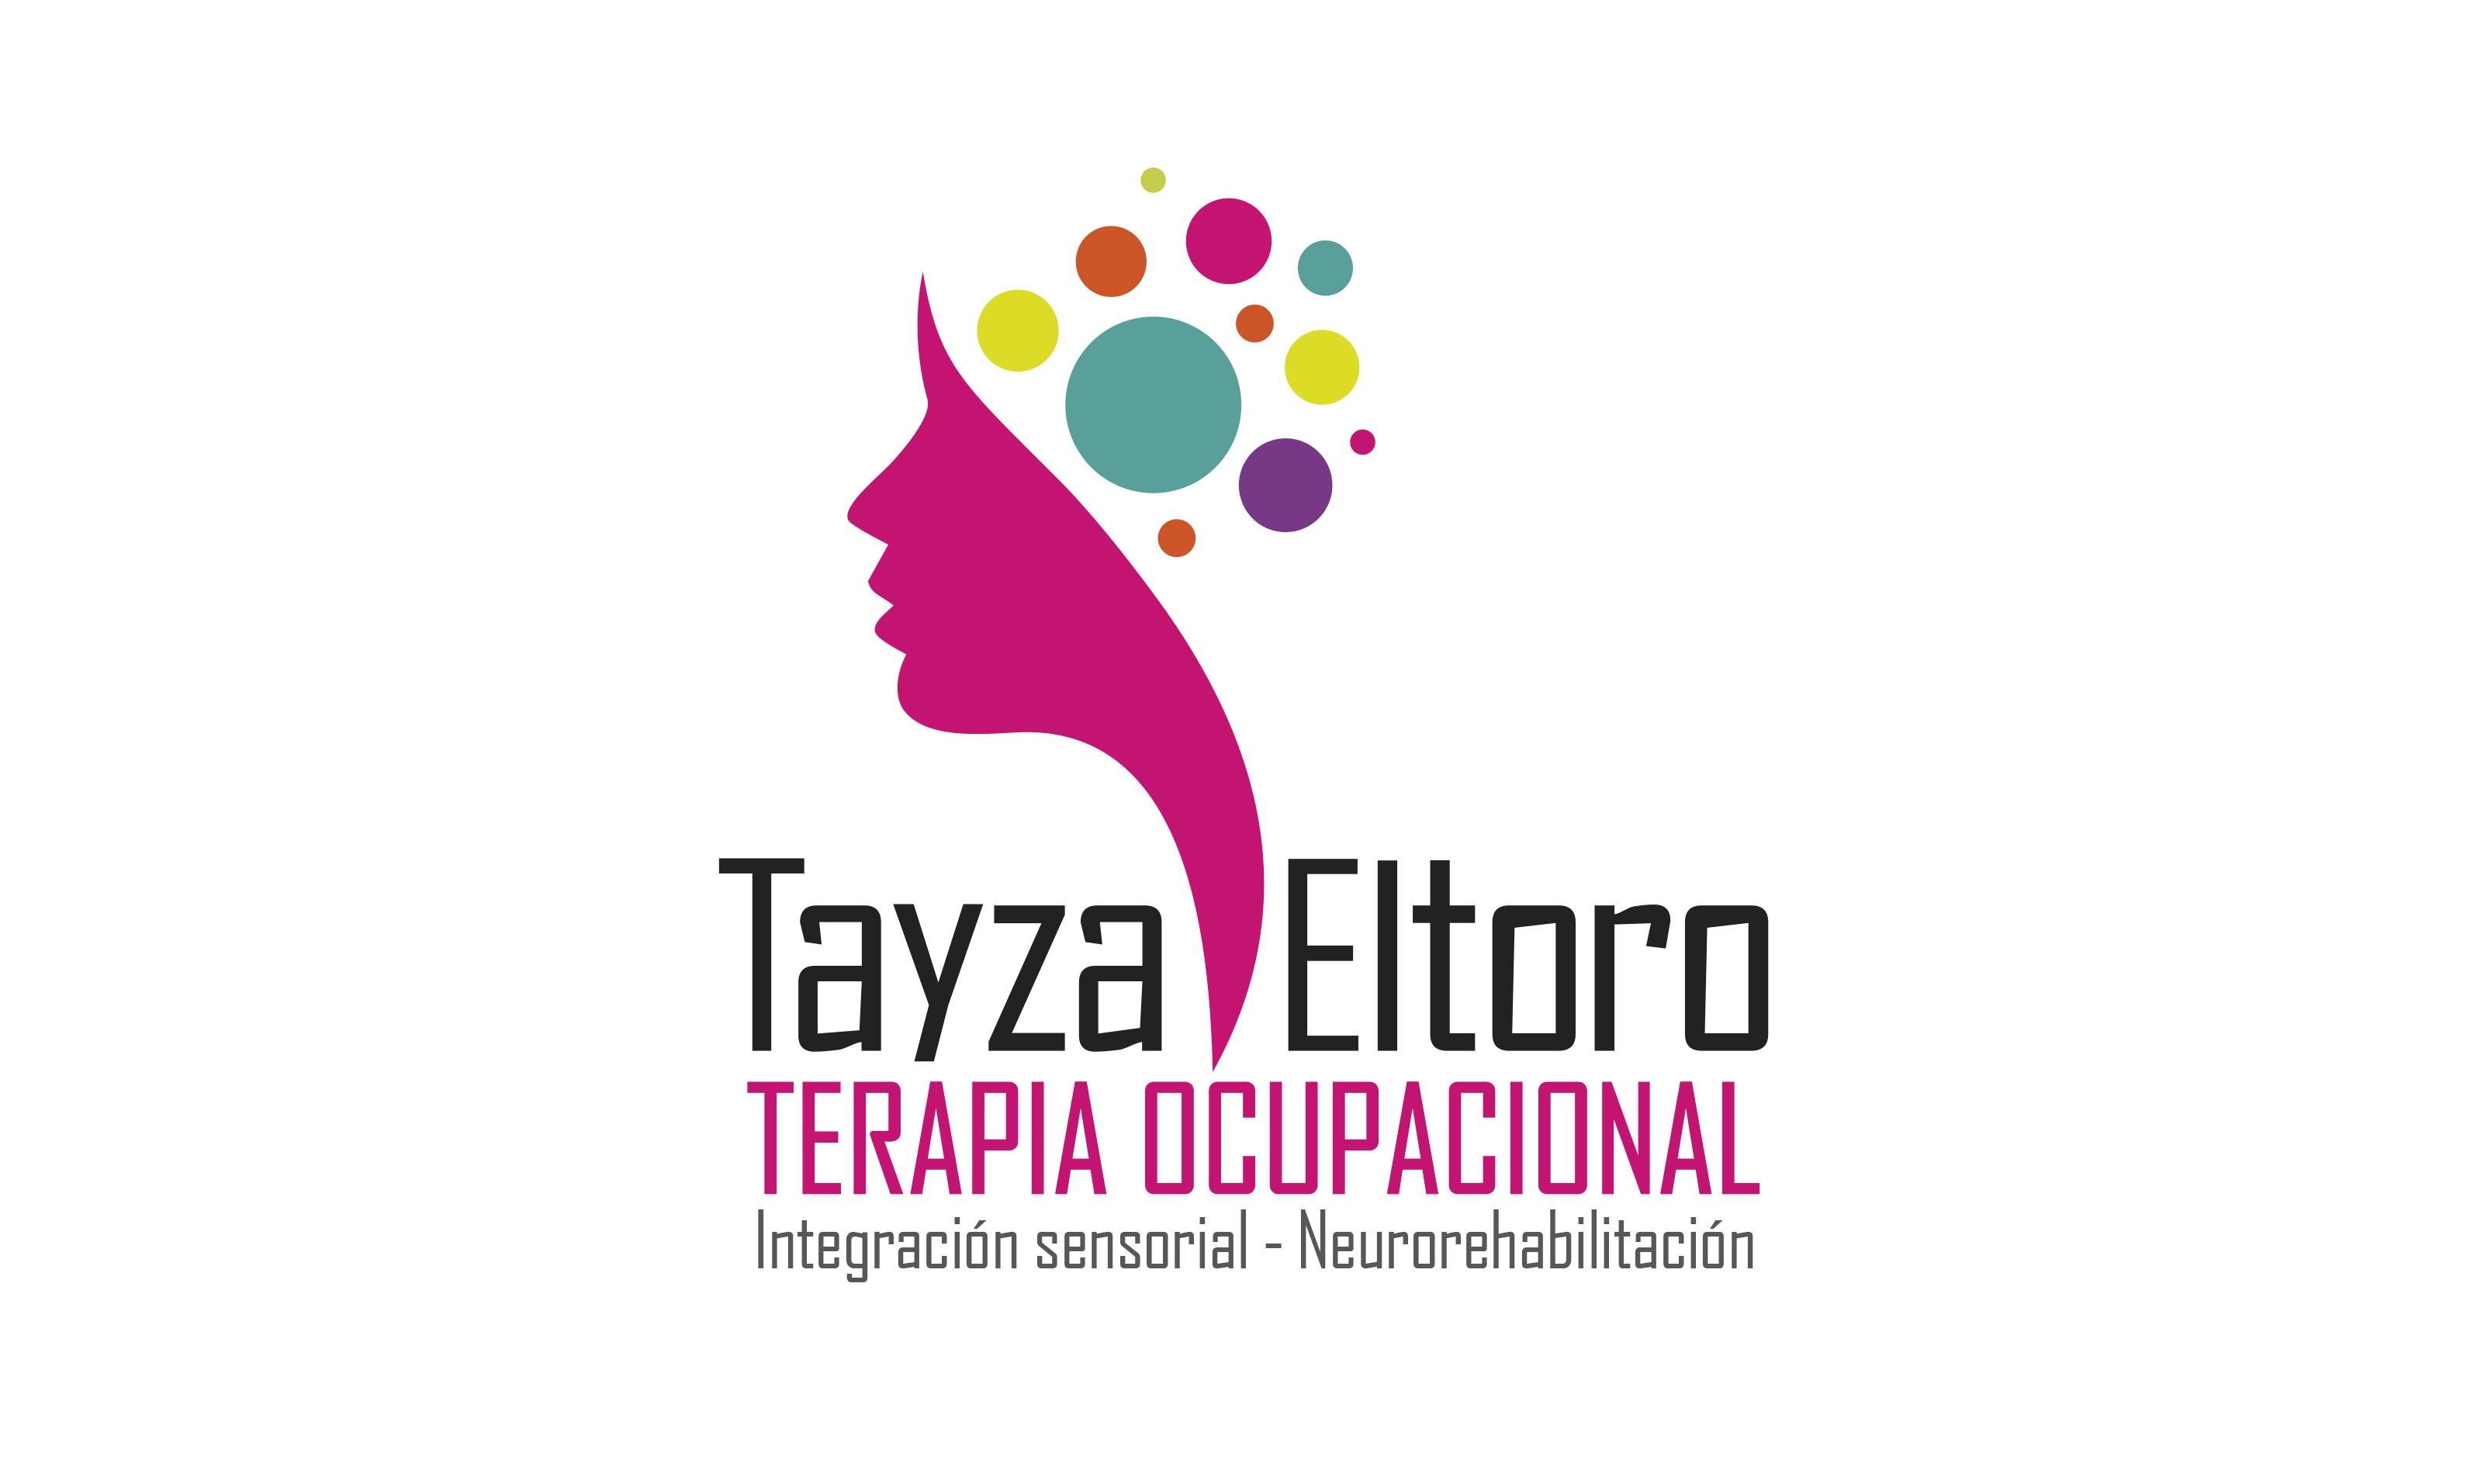 Tayza Eltoro